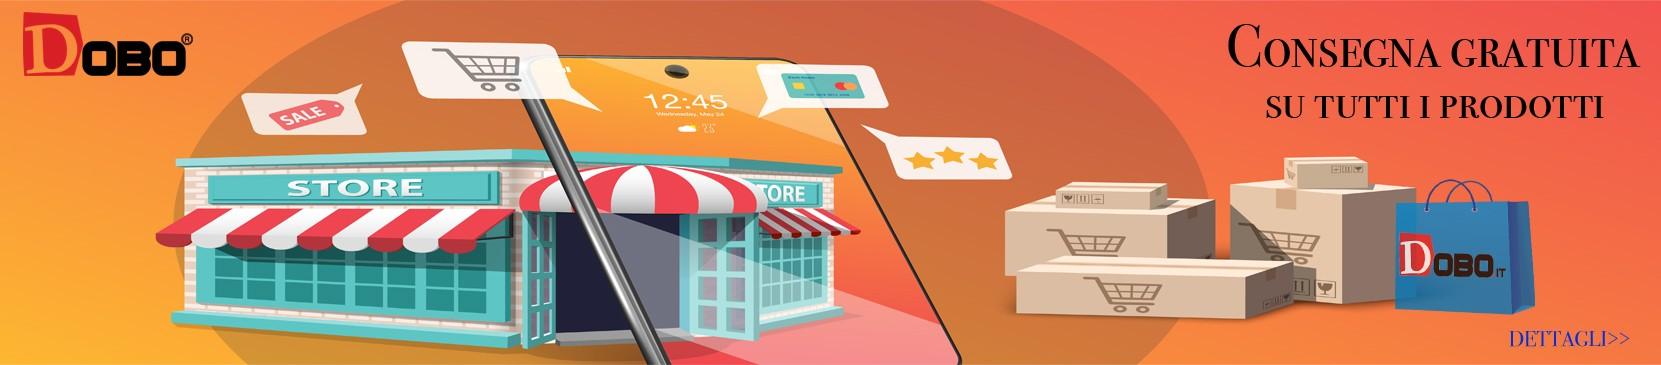 DOBO.it - Tantissimi prodotti ad un prezzo piccolo in 24 ore a casa tua